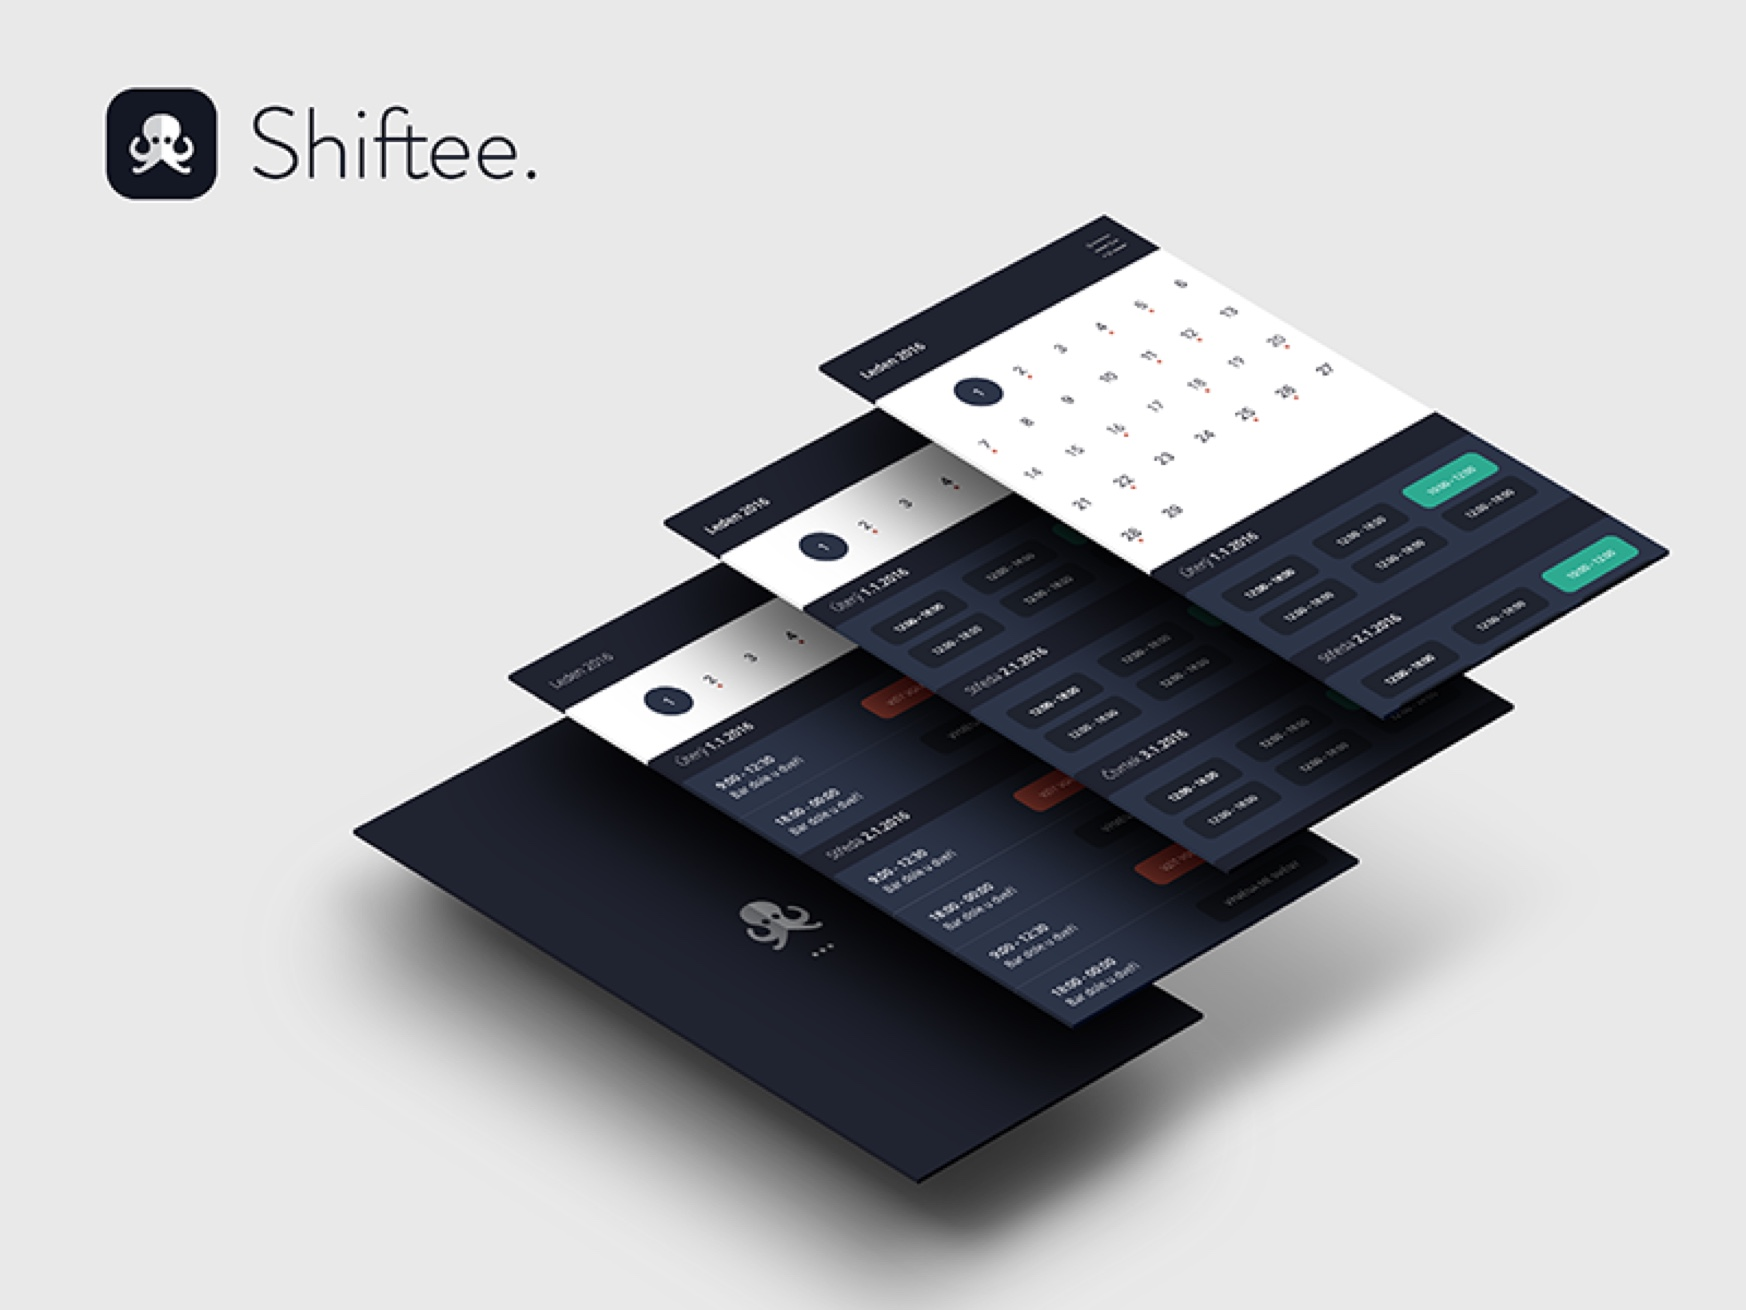 shiftee-big